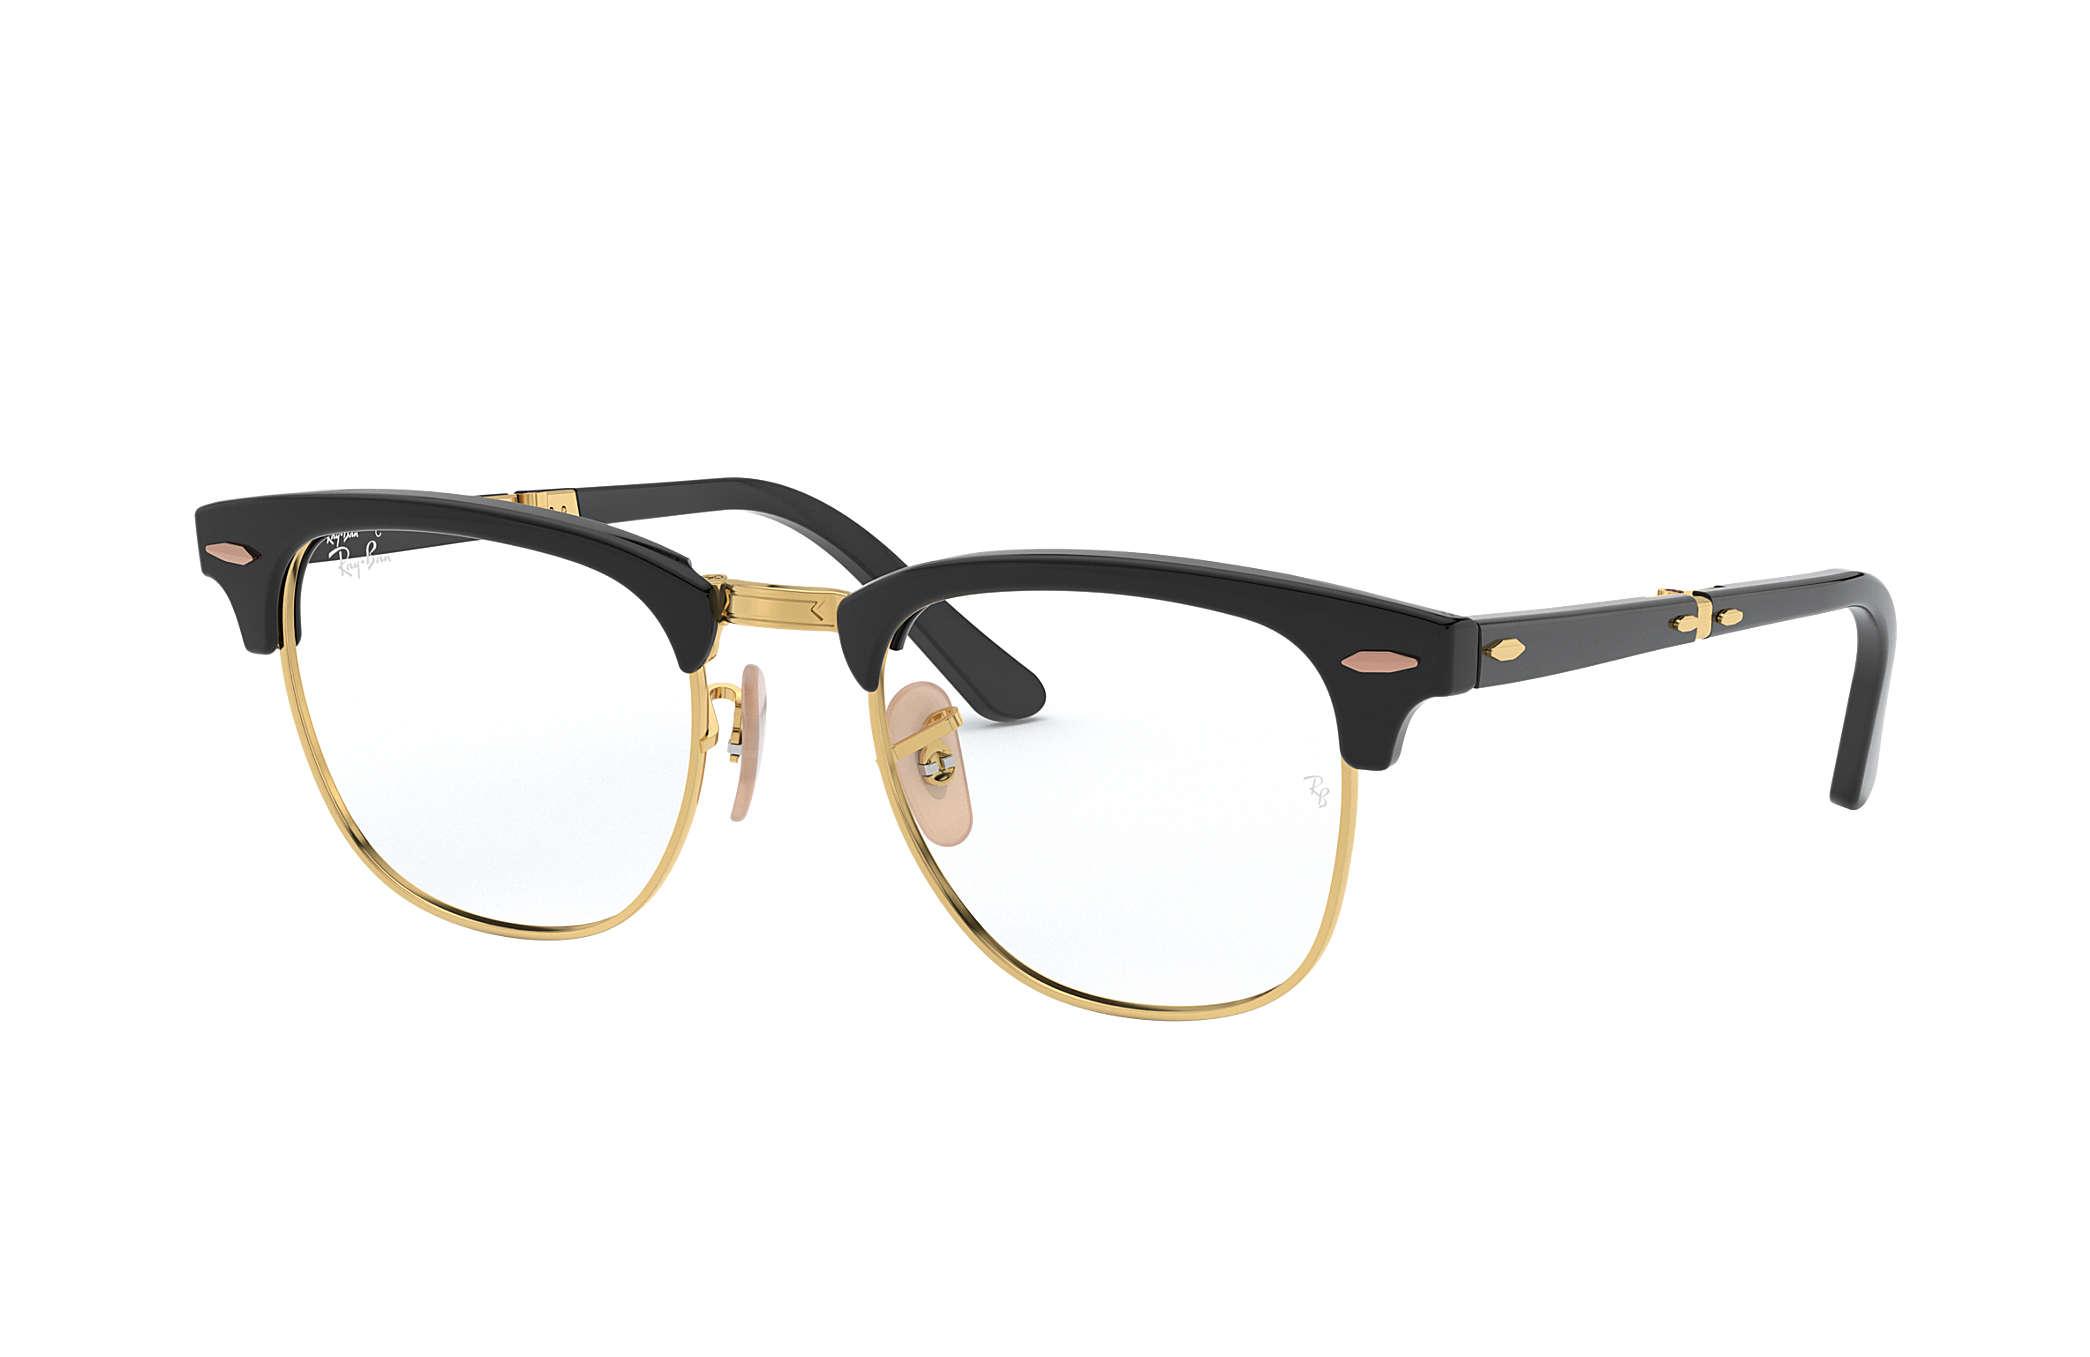 f10c7f32d4d9a Ray-Ban prescription glasses Clubmaster Folding Optics RB5334 Black ...